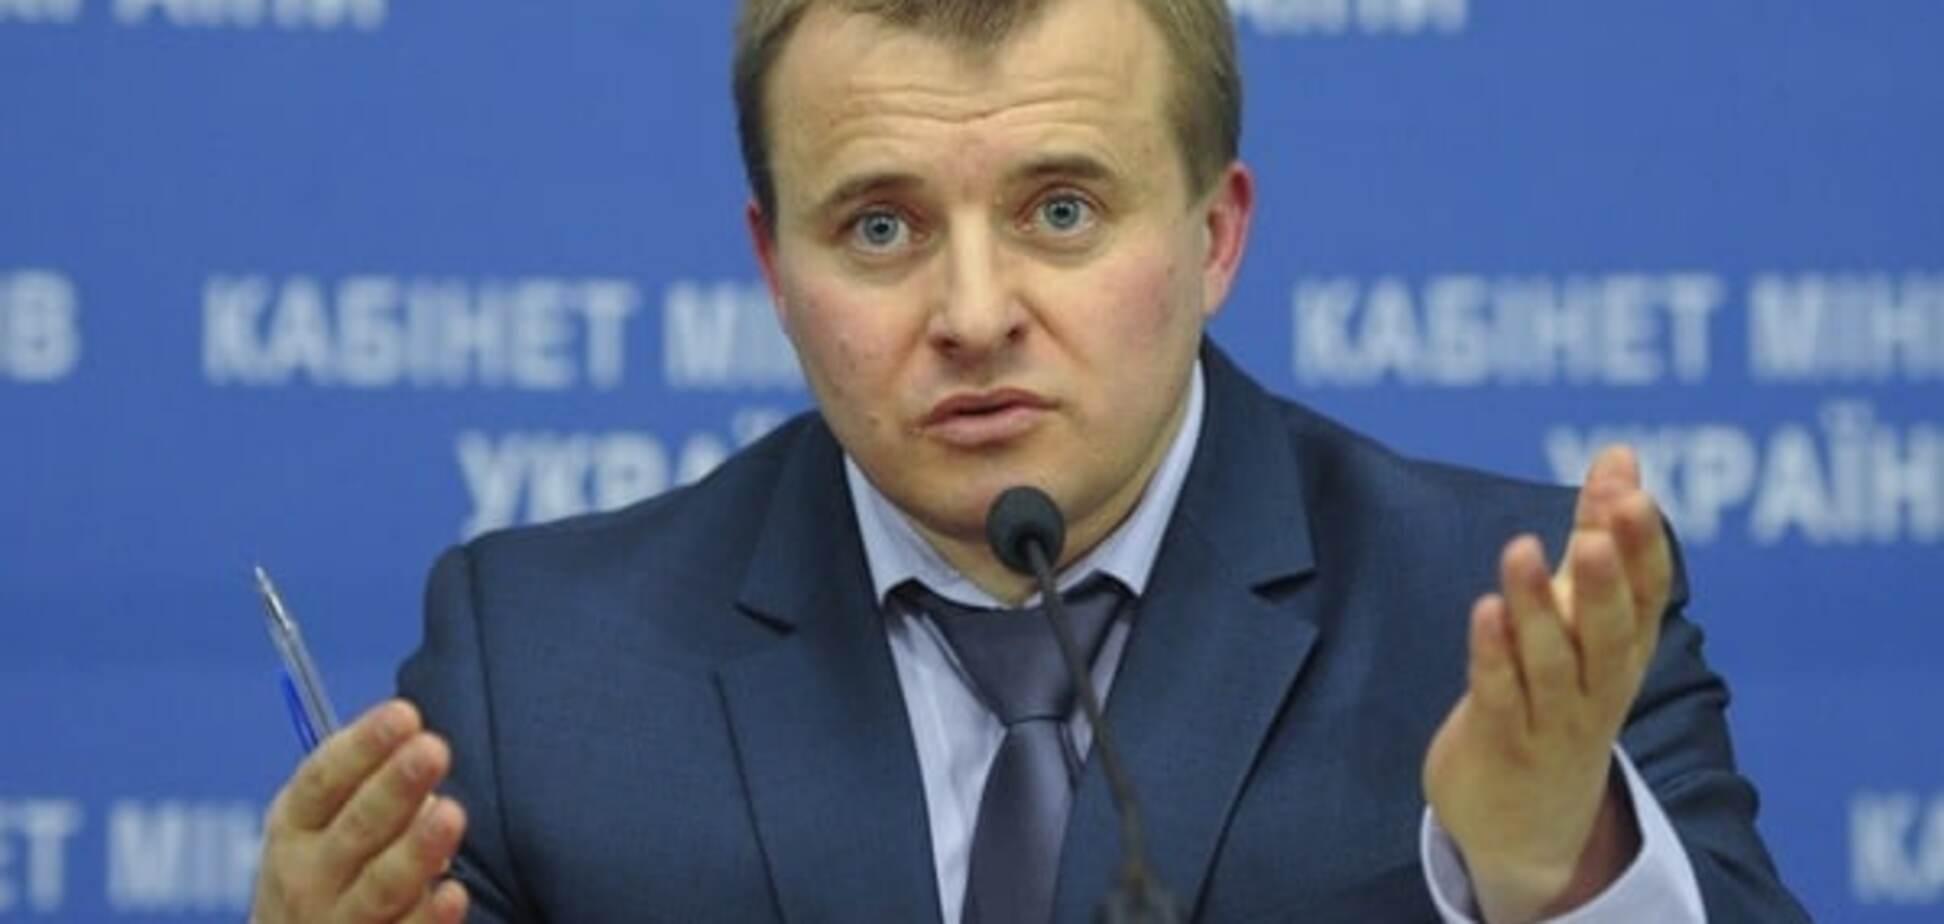 Україна в 2016 році планує повністю перейти на газ із ЄС - Демчишин